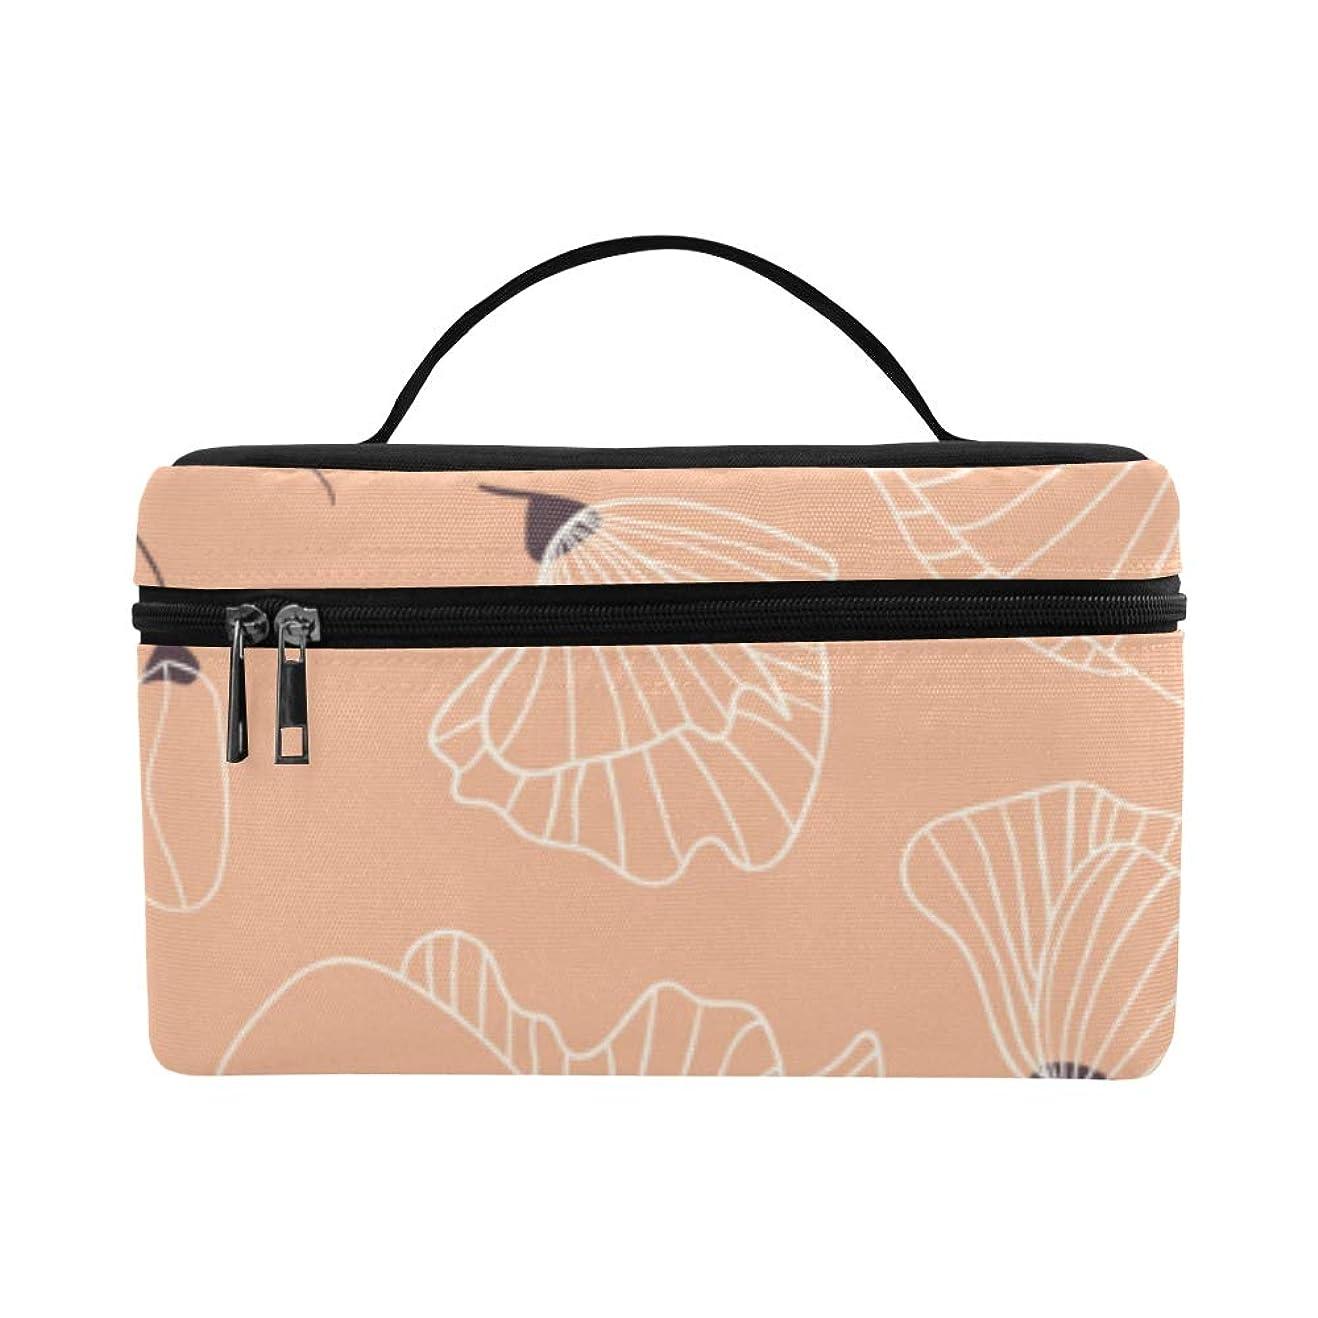 細部保証ドームLNJKD メイクボックス ケシの花 コスメ収納 化粧品収納ケース 大容量 収納ボックス 化粧品入れ 化粧バッグ 旅行用 メイクブラシバッグ 化粧箱 持ち運び便利 プロ用